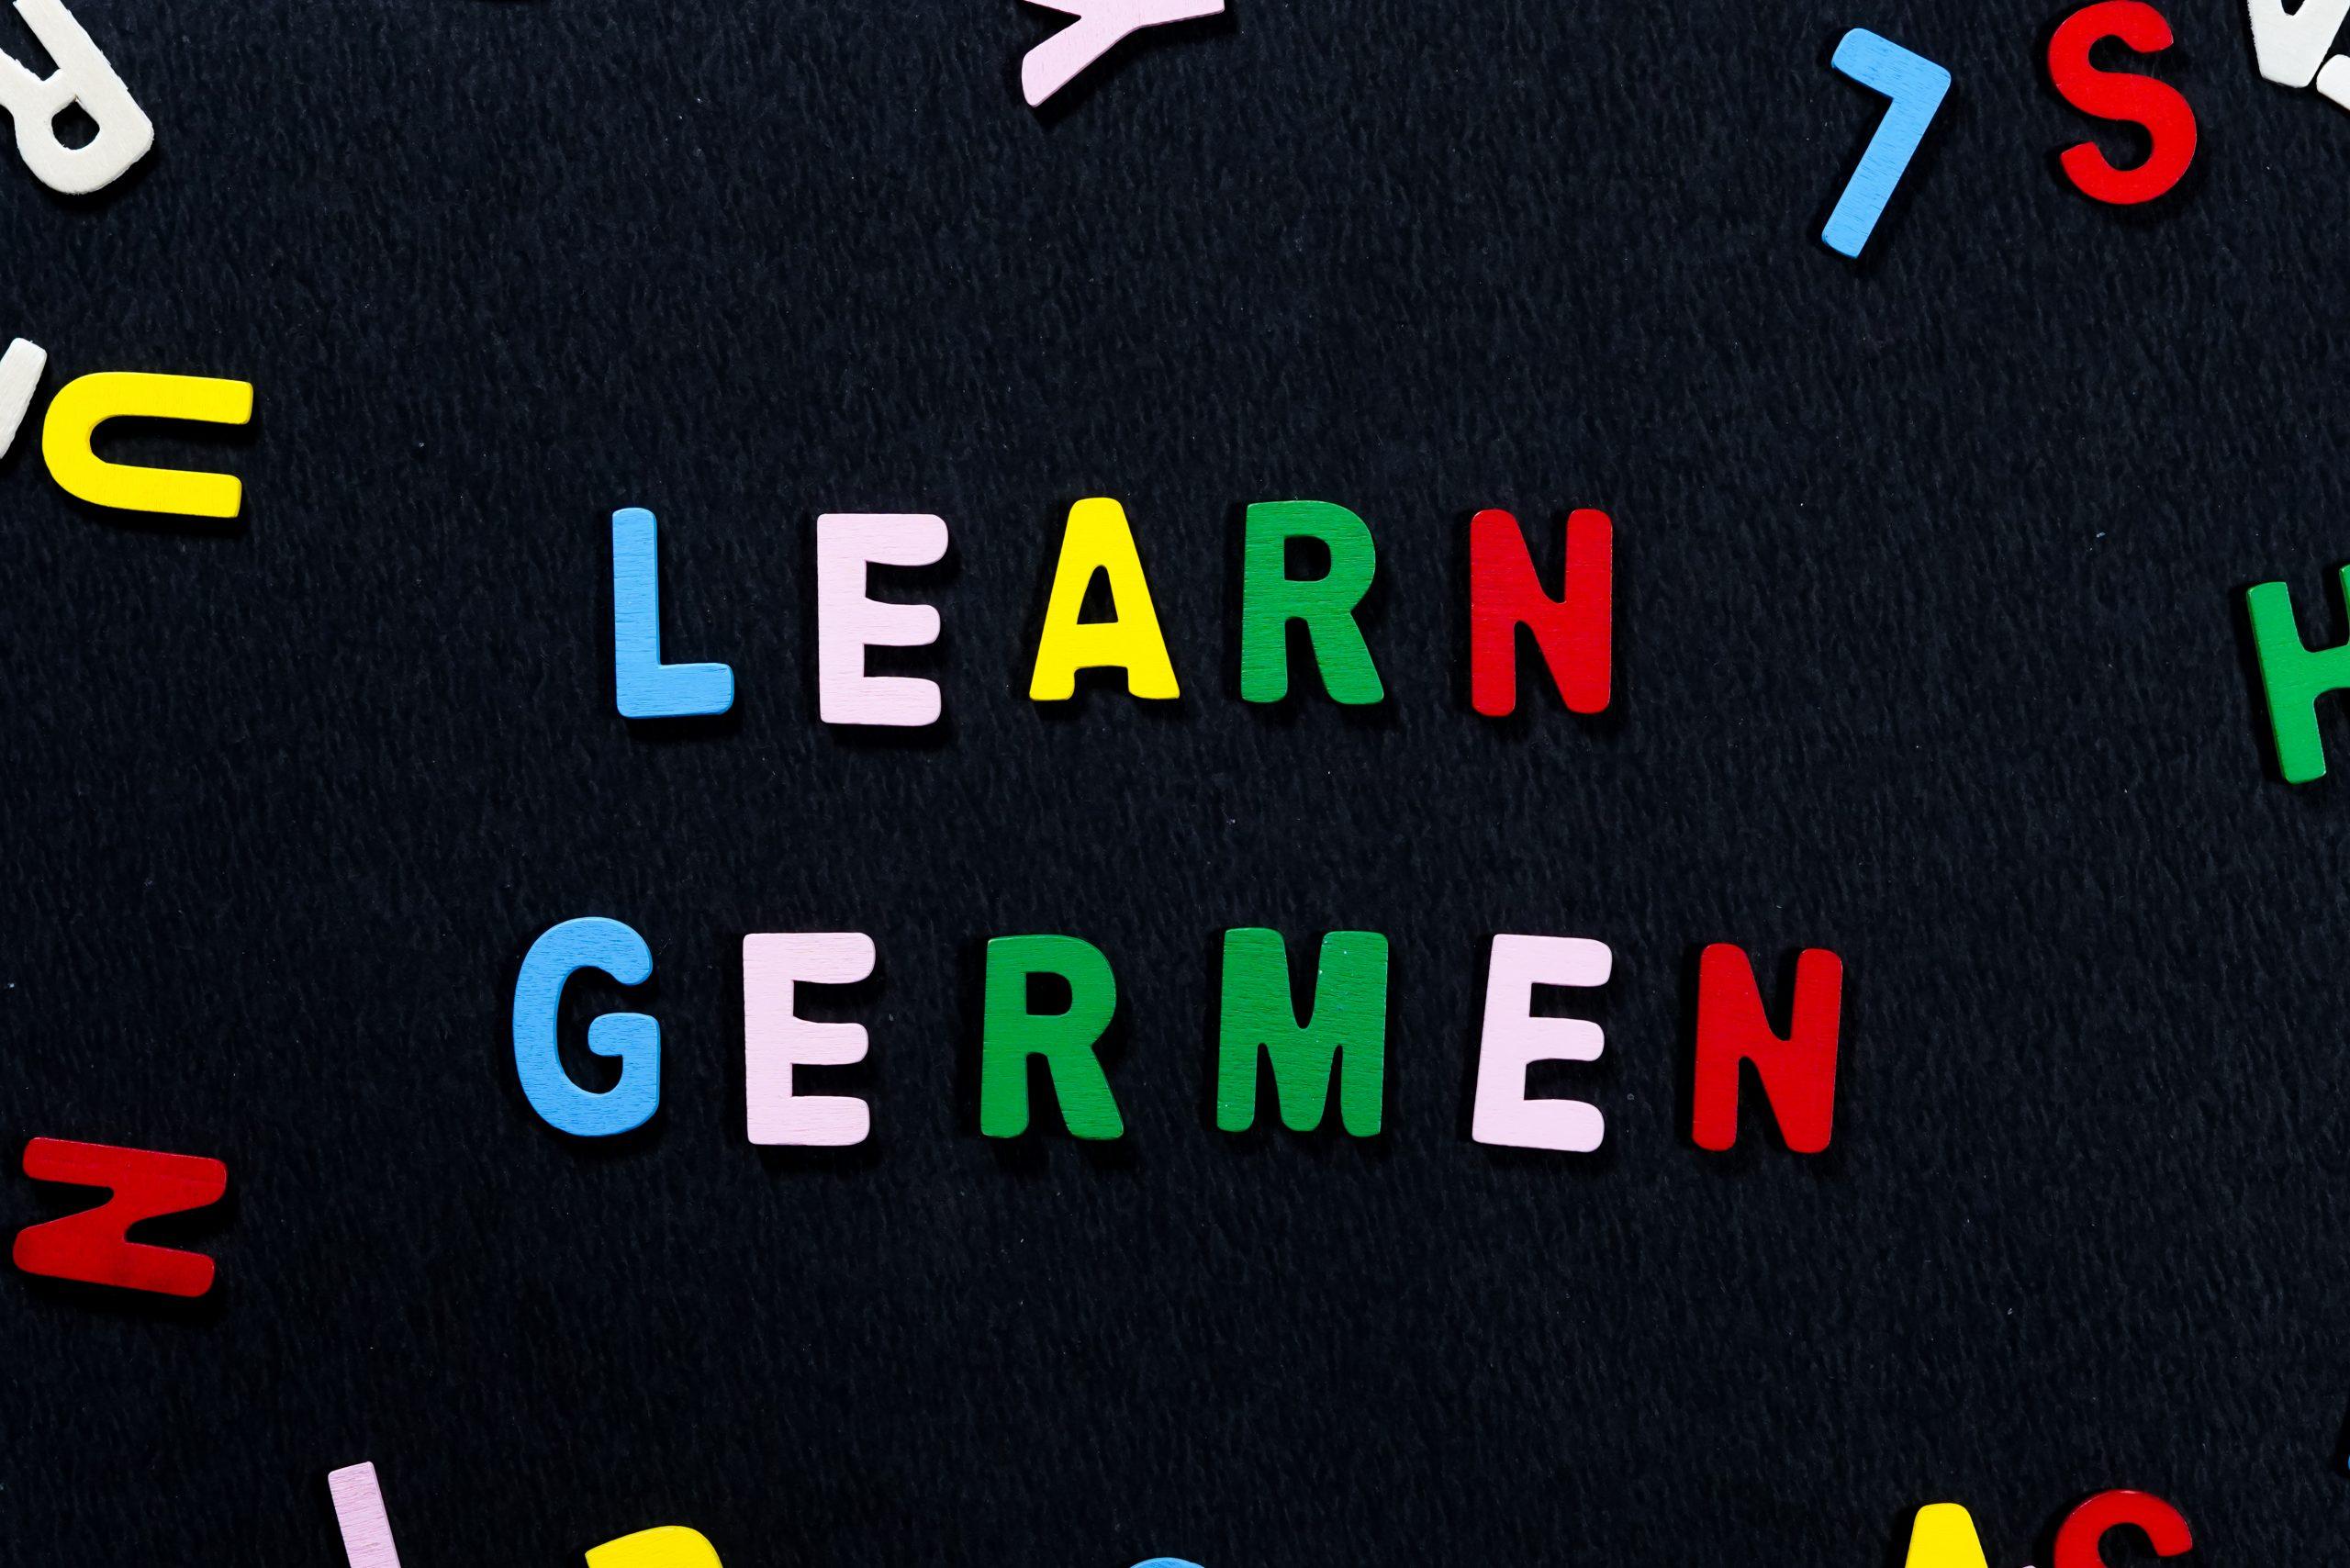 Learn German written with scrabble